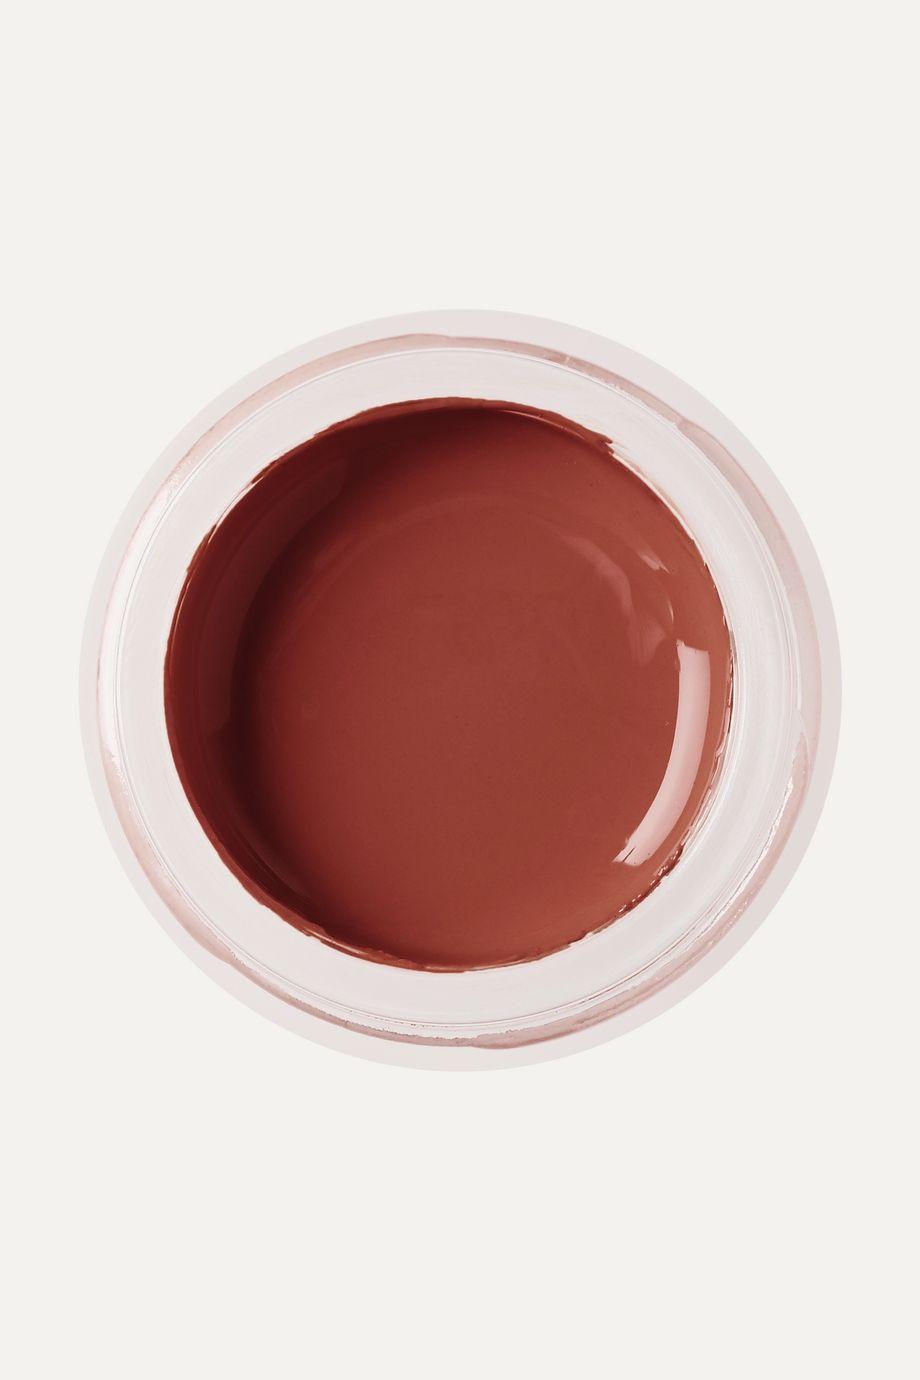 Illamasqua Color Veil Gel Blusher - Consume